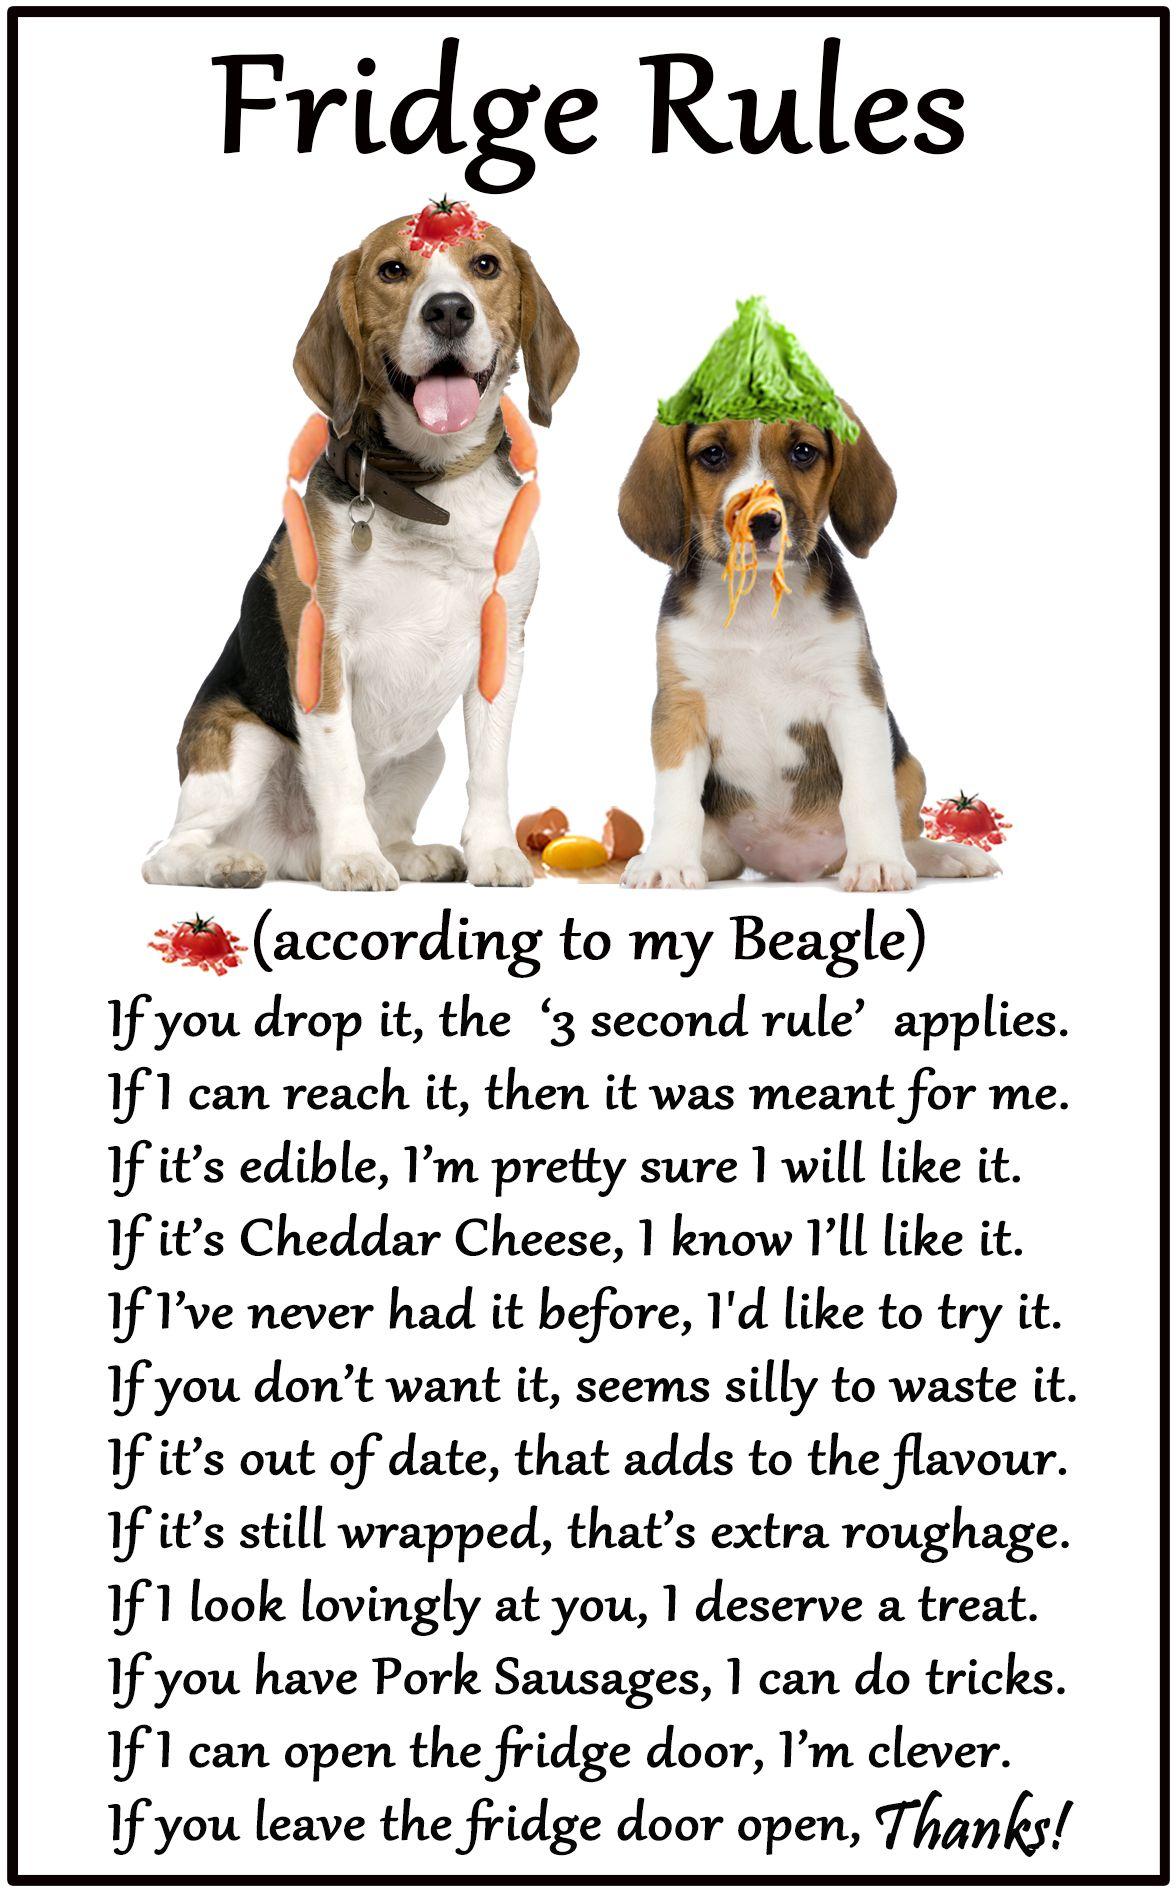 Beagle Hound Humorous Magnetic Dog Fridge Rules Size 6 X 4